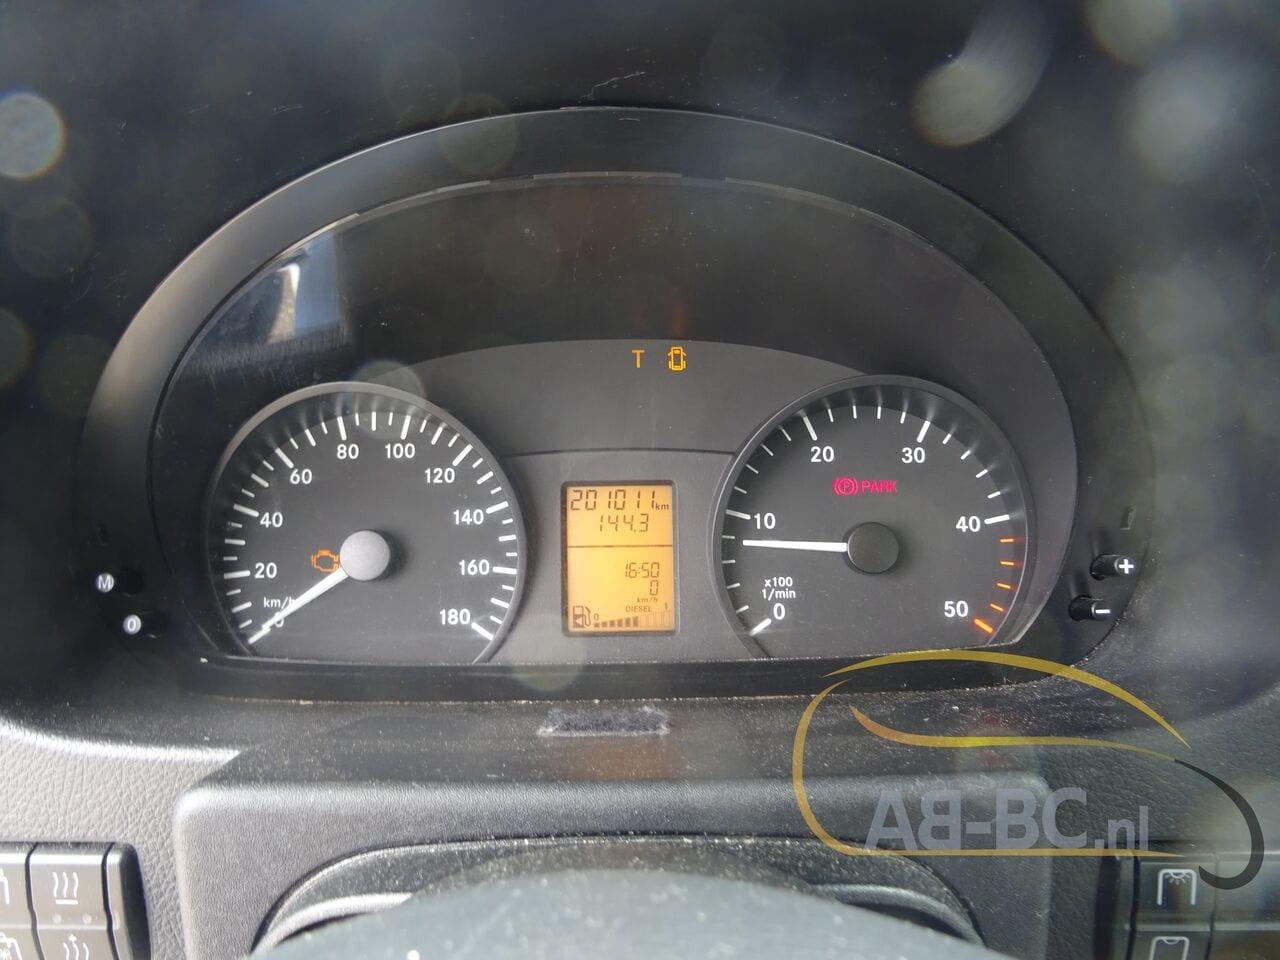 coach-busMERCEDES-BENZ-516-CDI-Sprinter-Transfer-45-23-Seats-EURO-6---1625234973226765887_big_b45a8addf622bf3ffcfa583903d04dd9--21060112394245379500